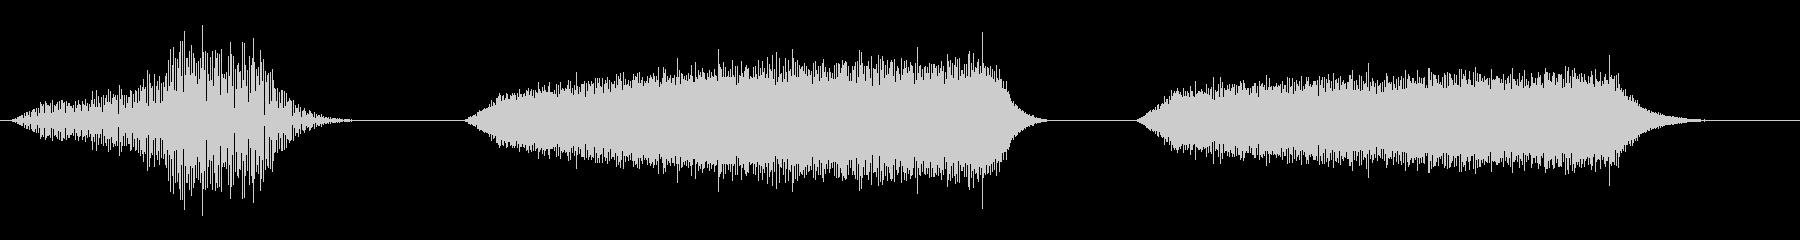 電子エレクトロスペーススワール(3...の未再生の波形